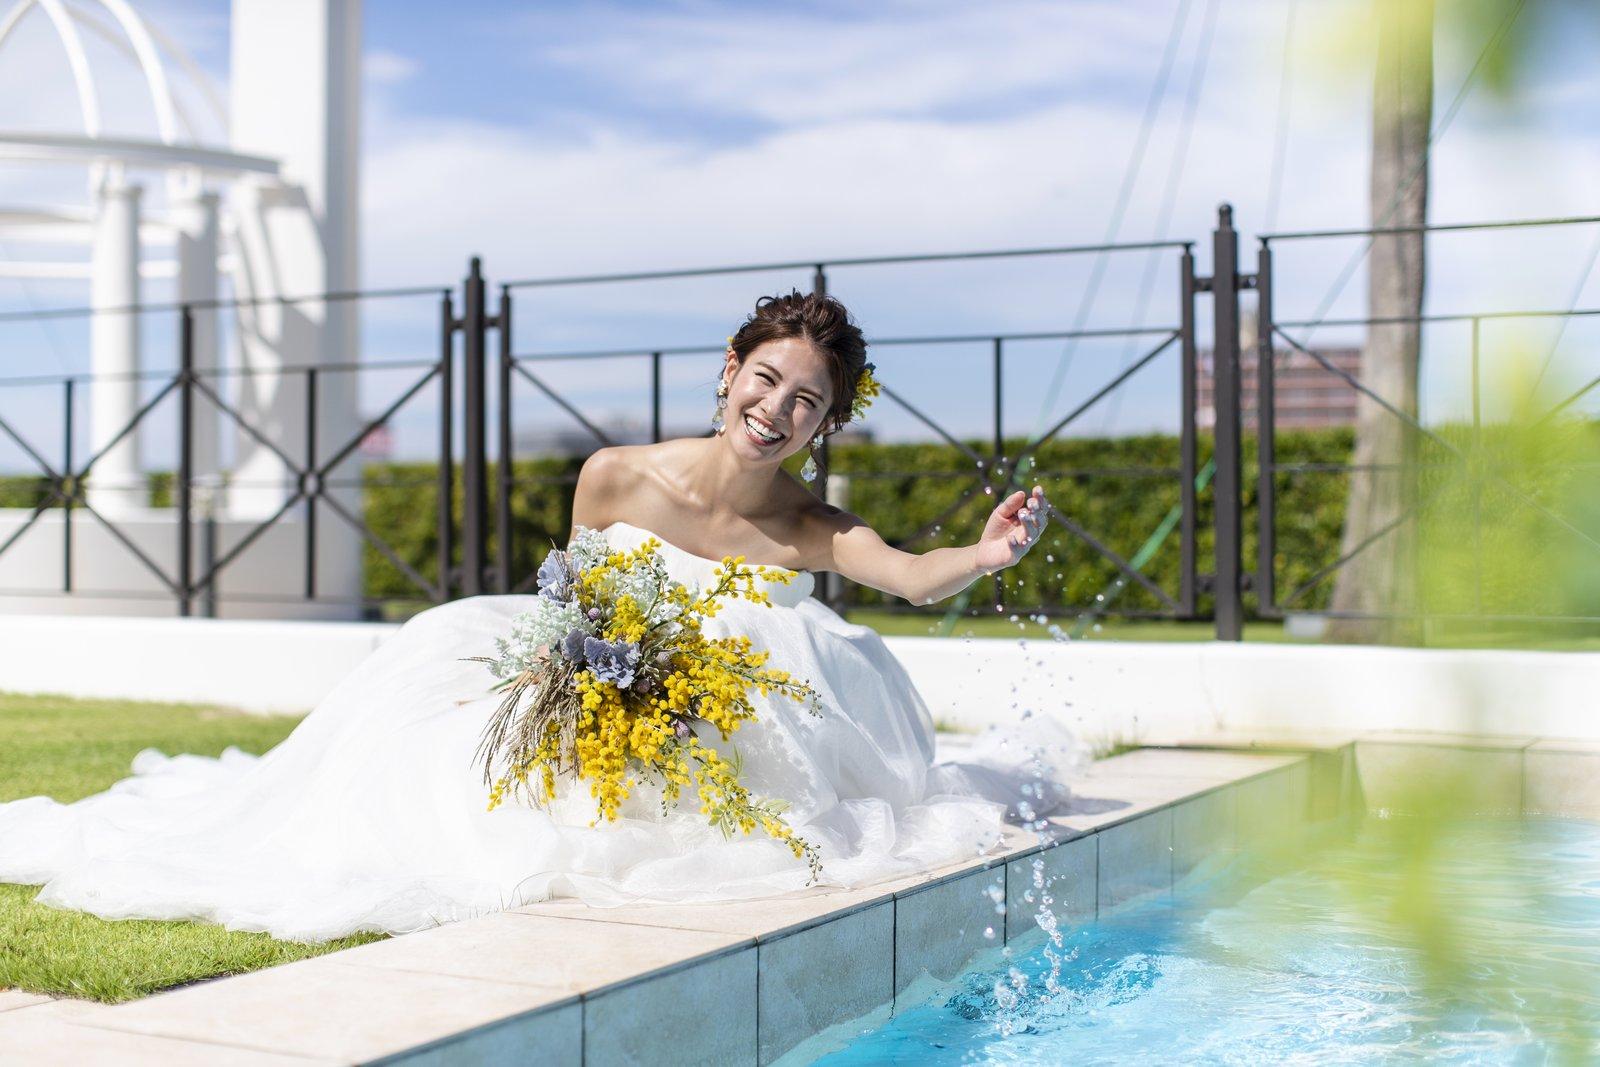 徳島県の結婚式場ブランアンジュのプライベートガーデン